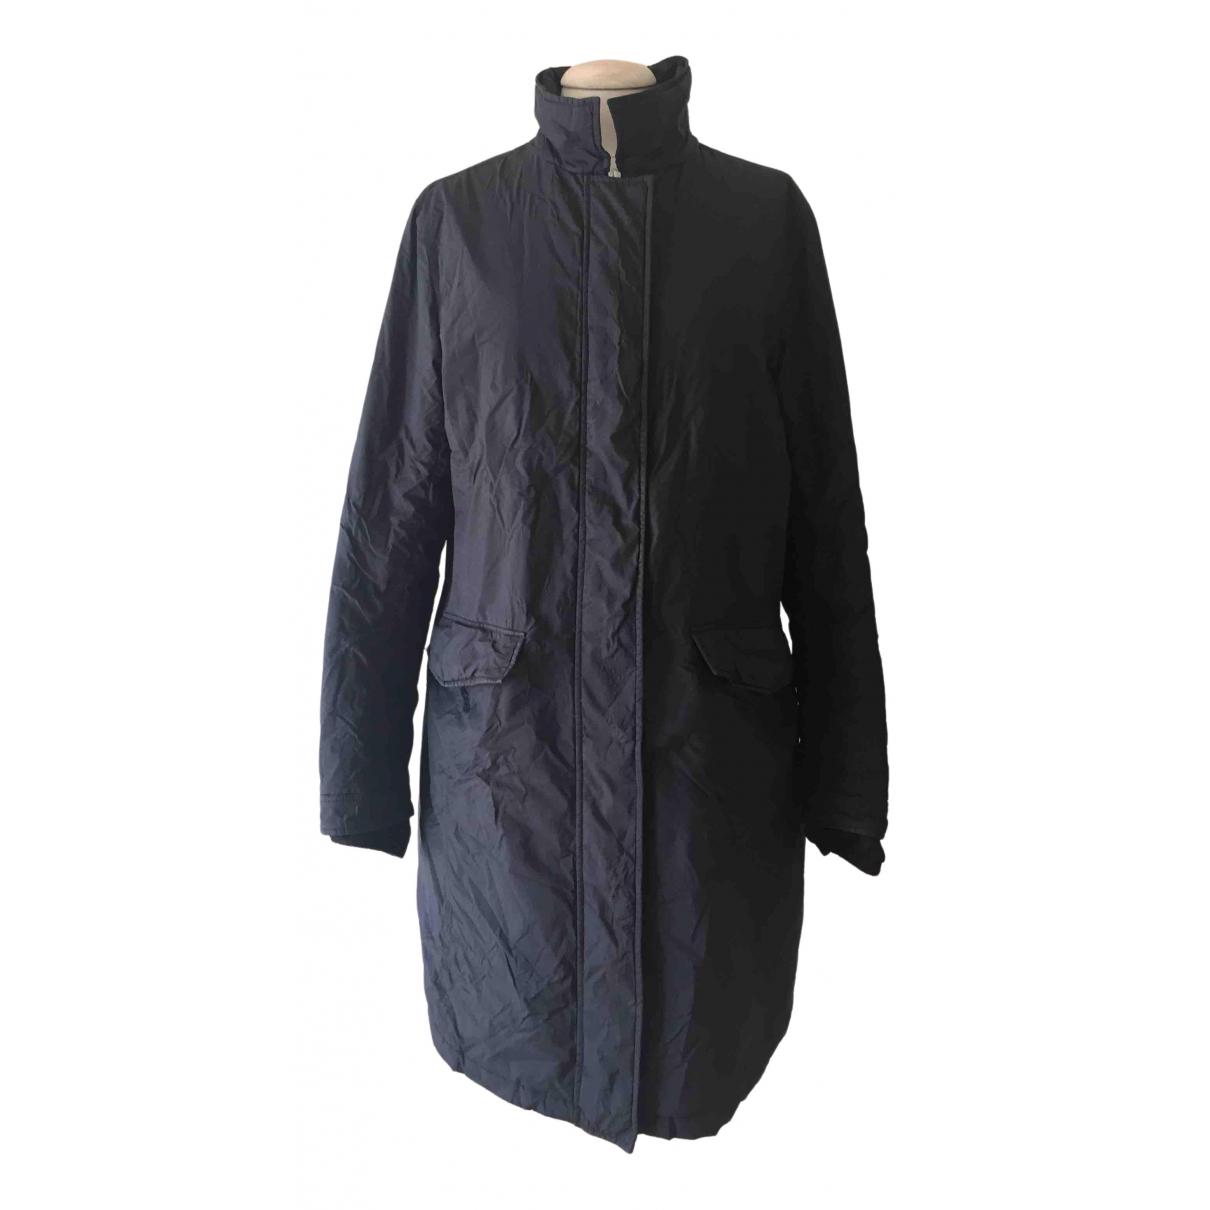 Prada \N Black coat for Women 46 IT